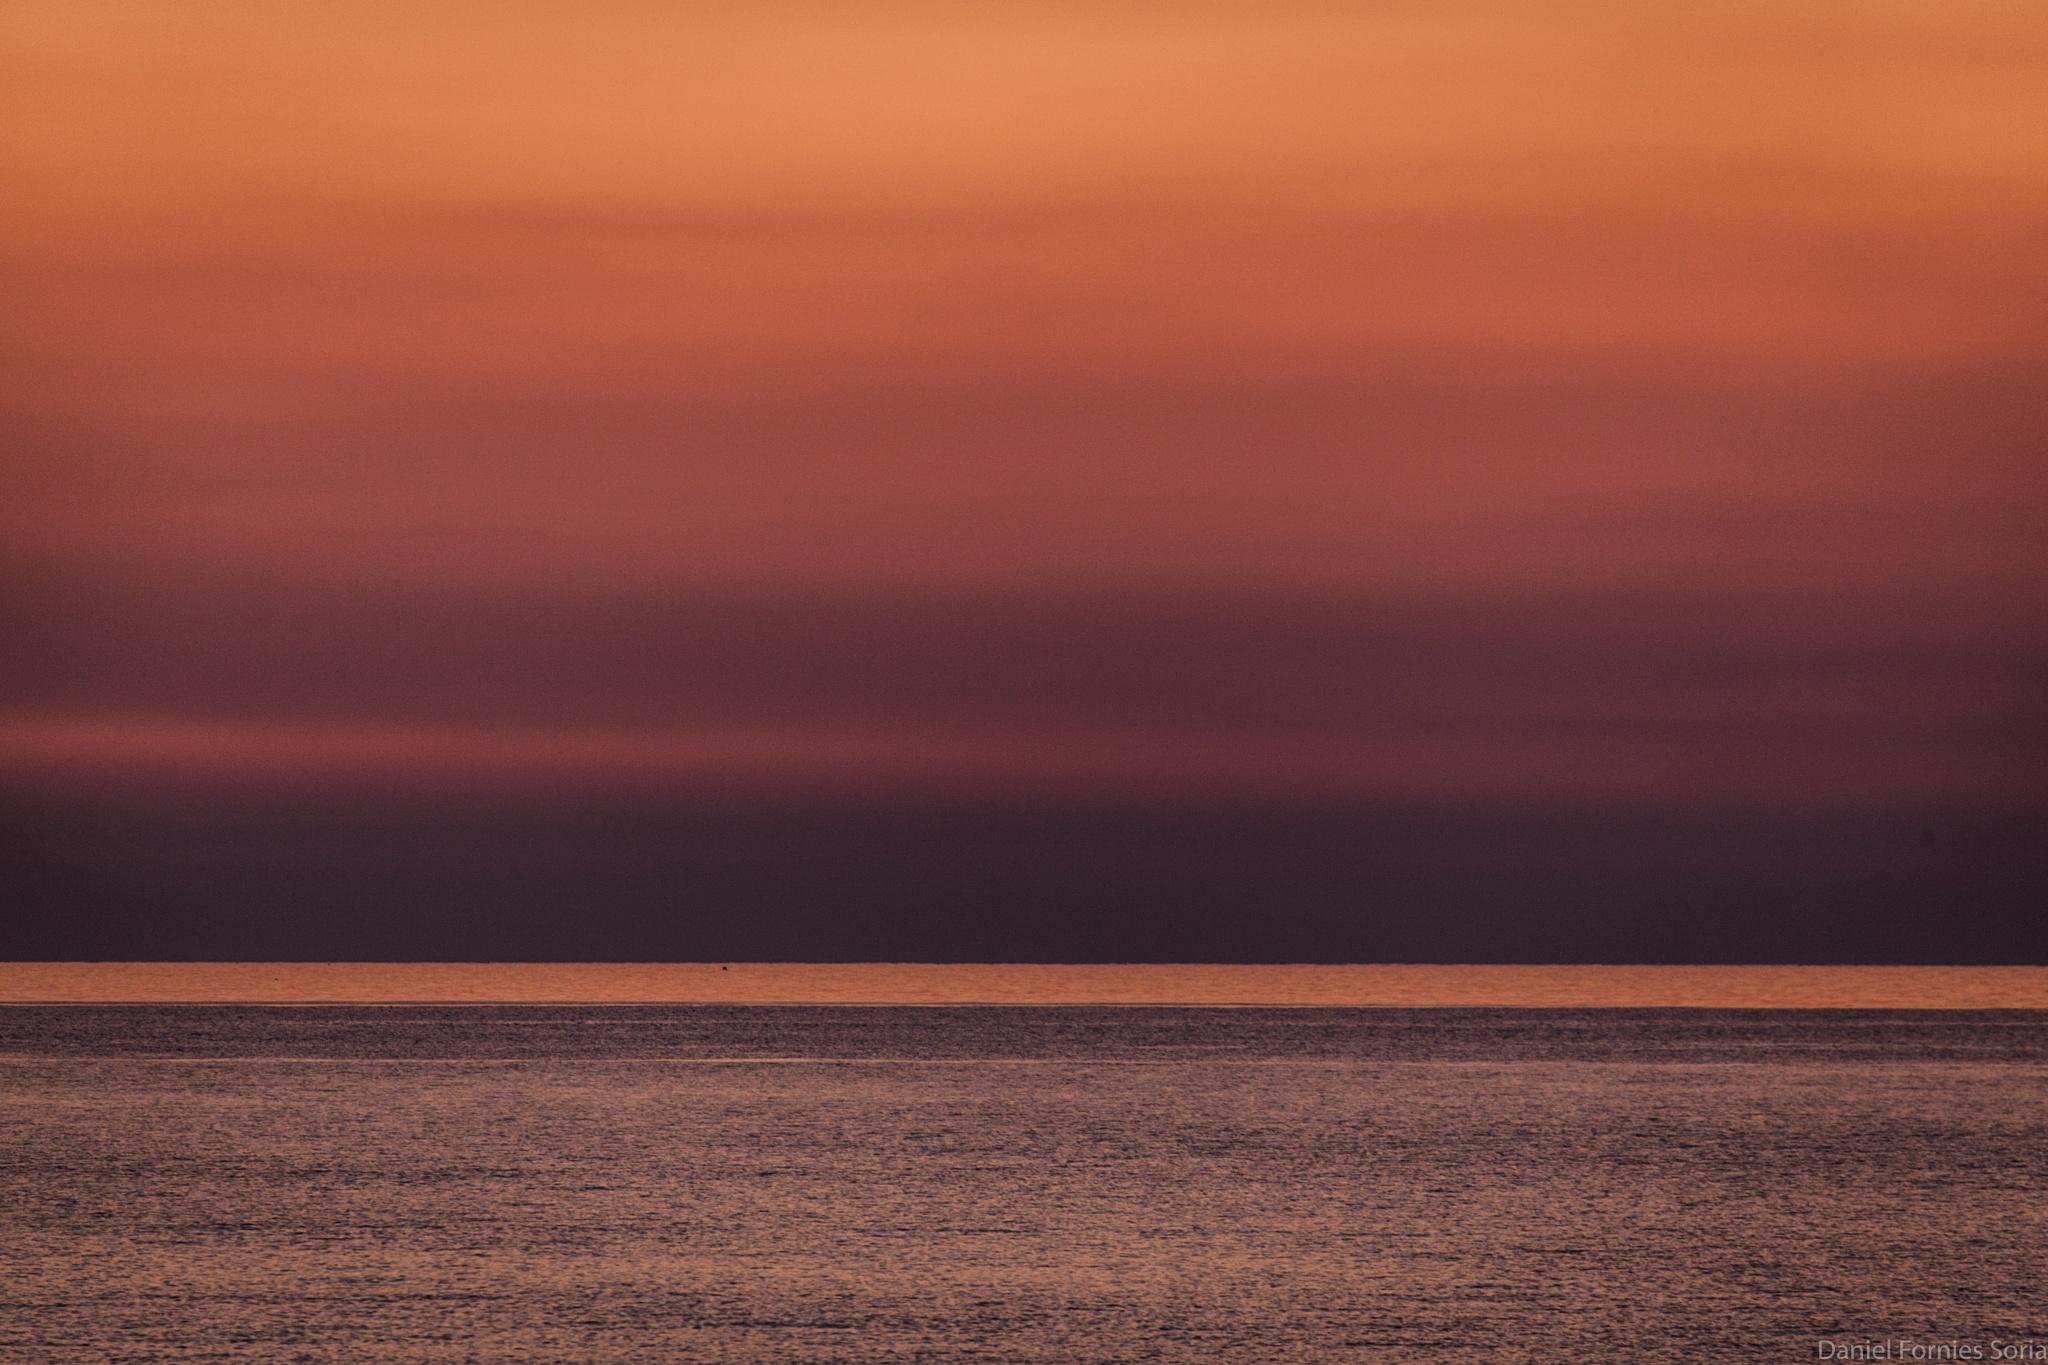 Dawn in Sperlonga (II) by Daniel Forniés Sòria